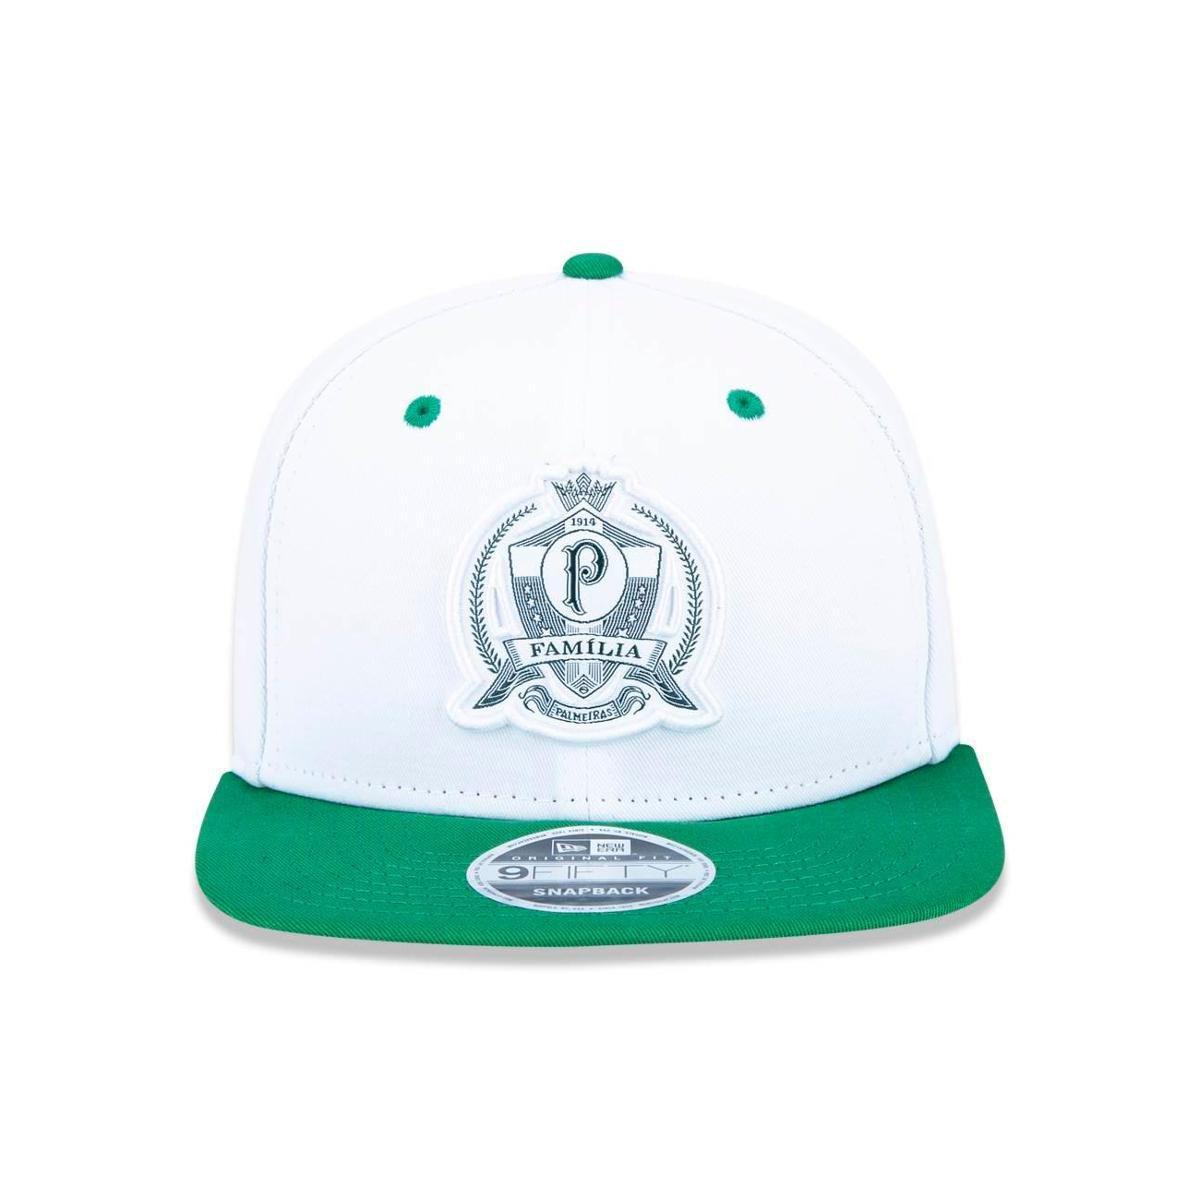 ... Boné 950 Original Fit Palmeiras Futebol Aba Reta Snapback New Era ... ac897195b6c32